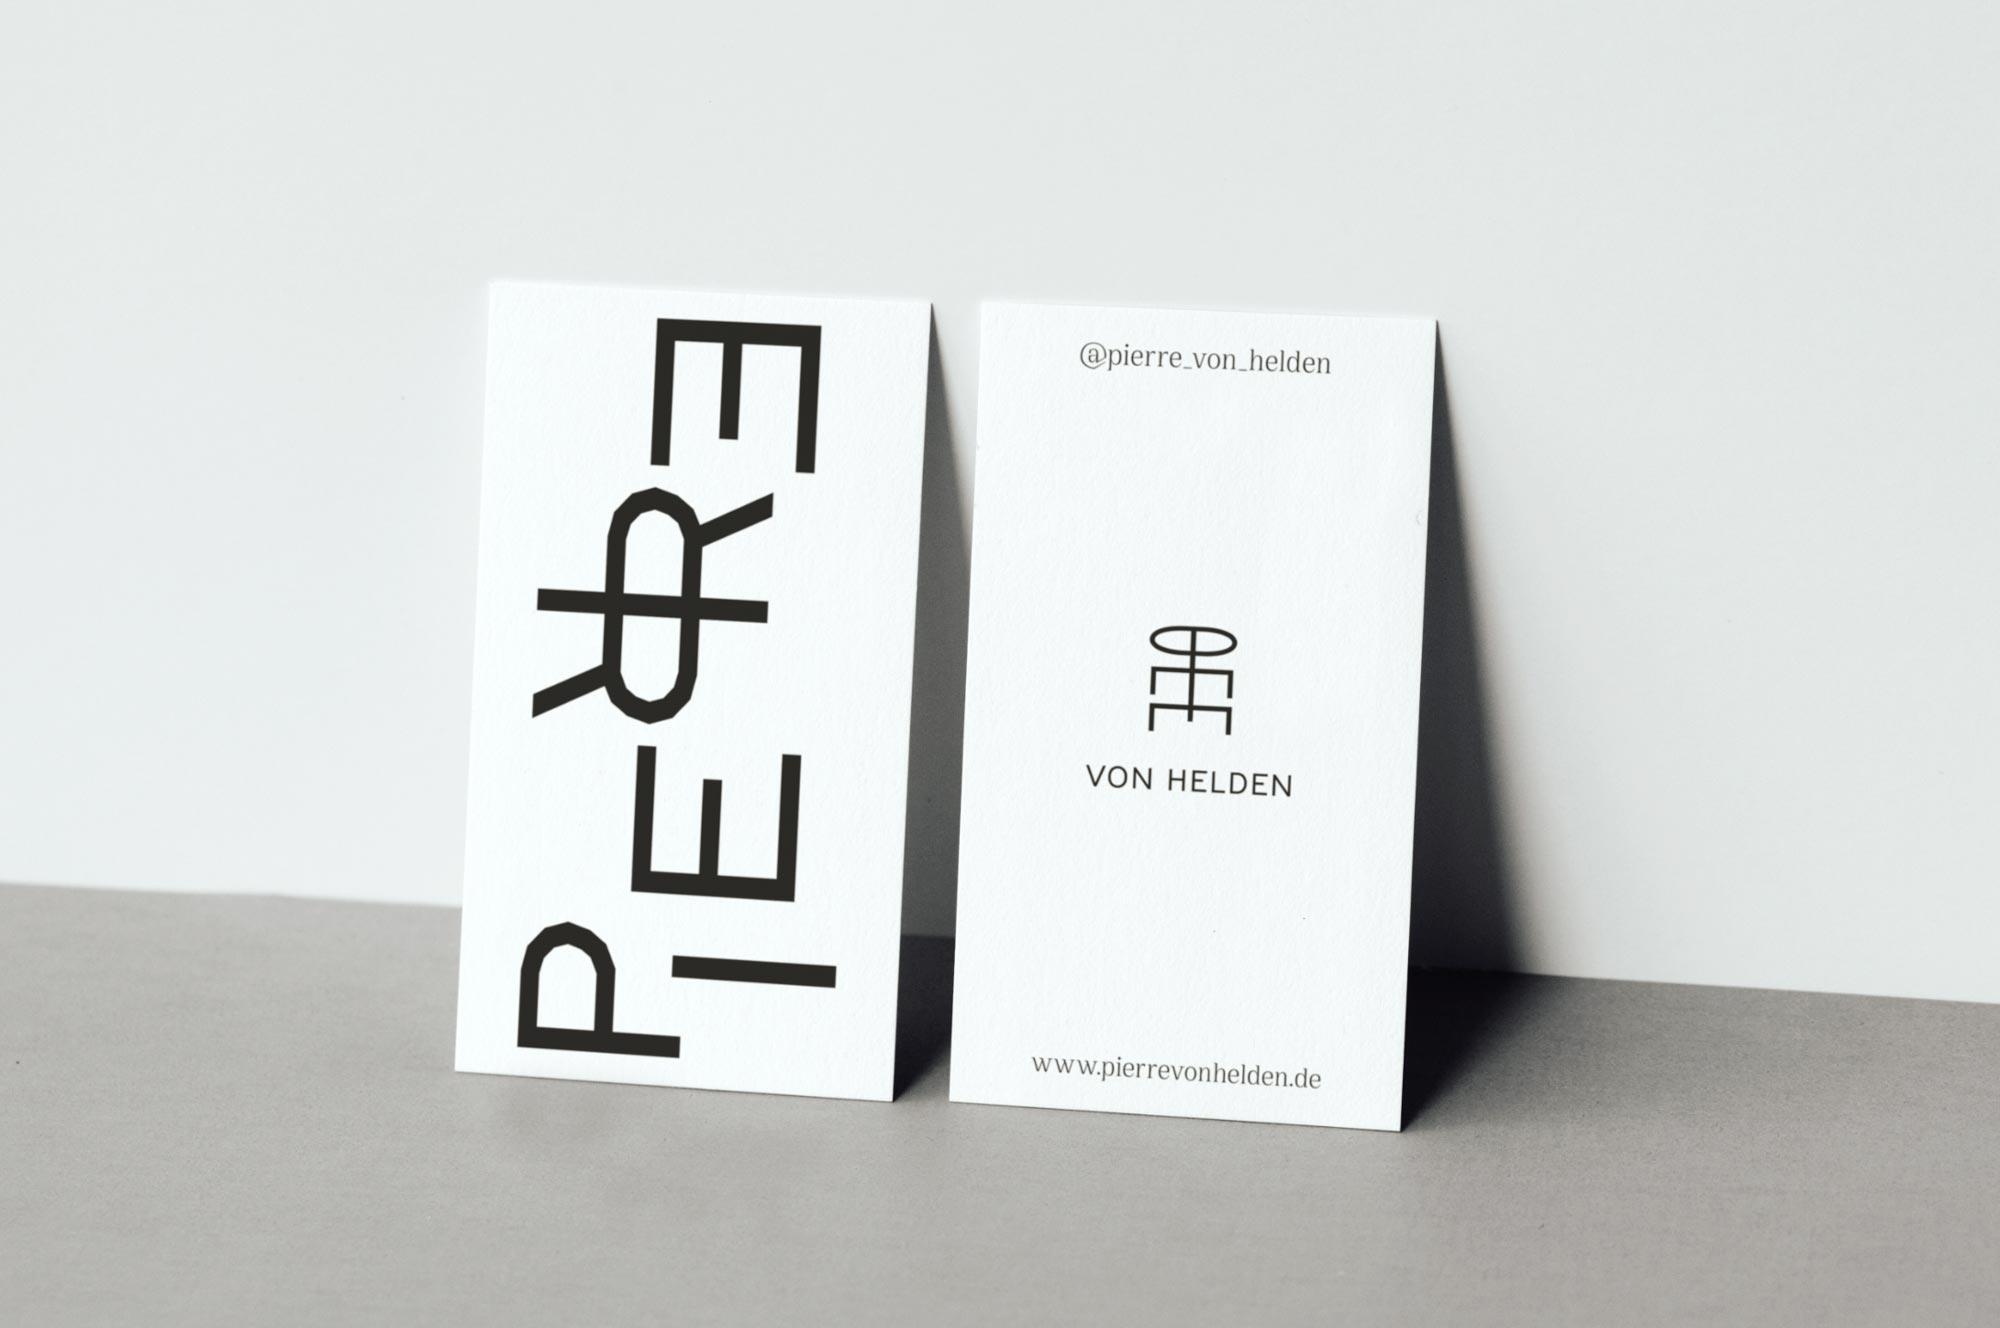 Pierre von Helden Artist Brand Identity – Business Cards (Visitenkarten)